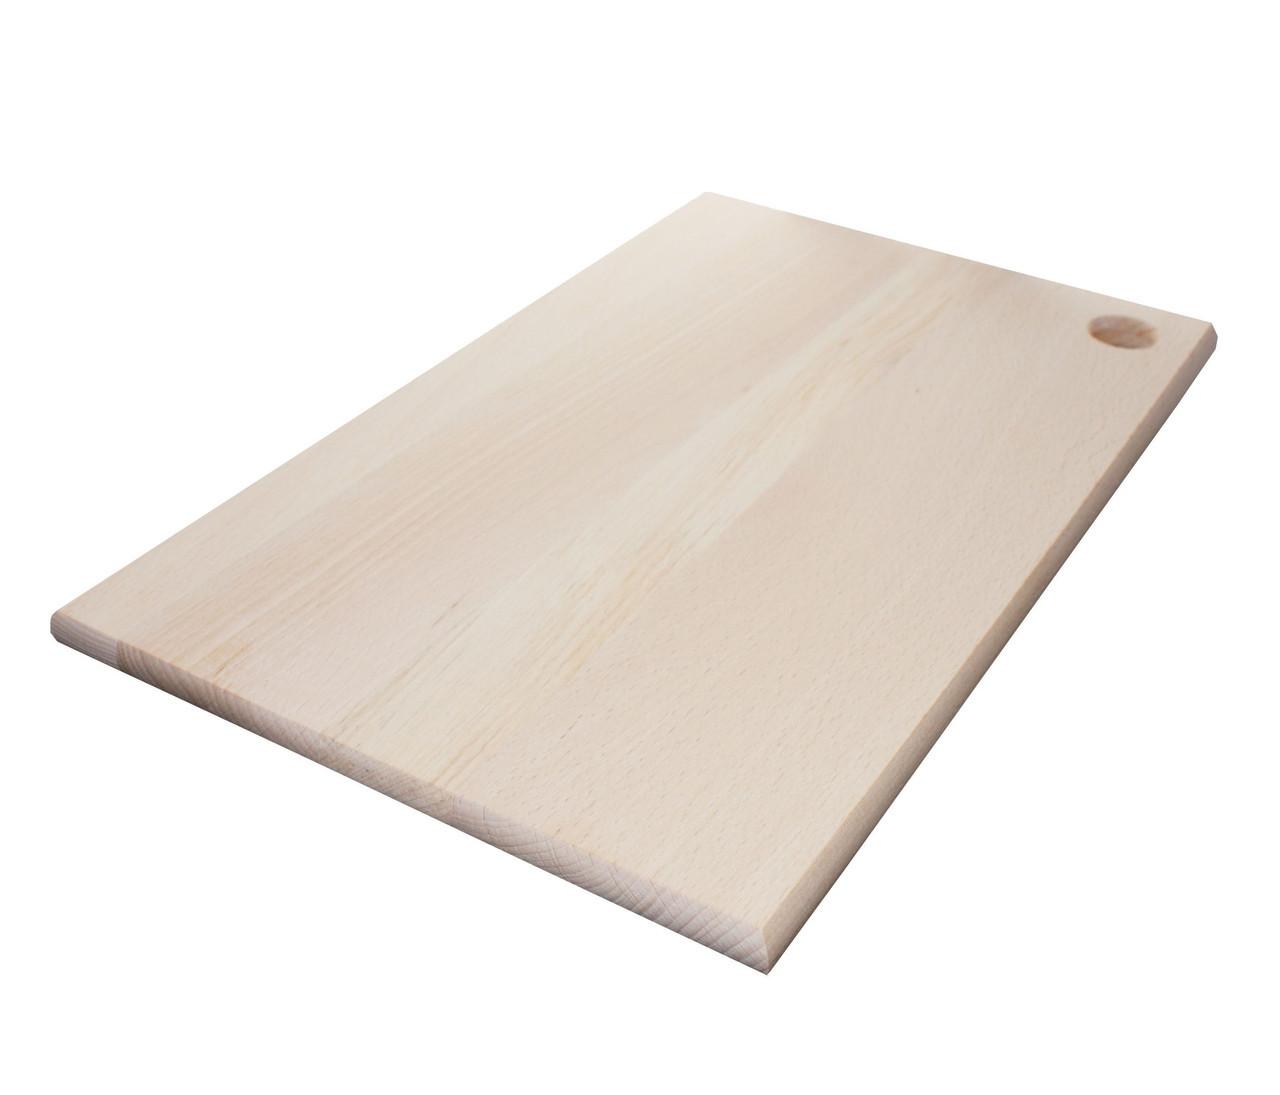 Доска кухонная Mazhura  прямоугольная с отвором 40х25 см h1,5 см (370814mz)